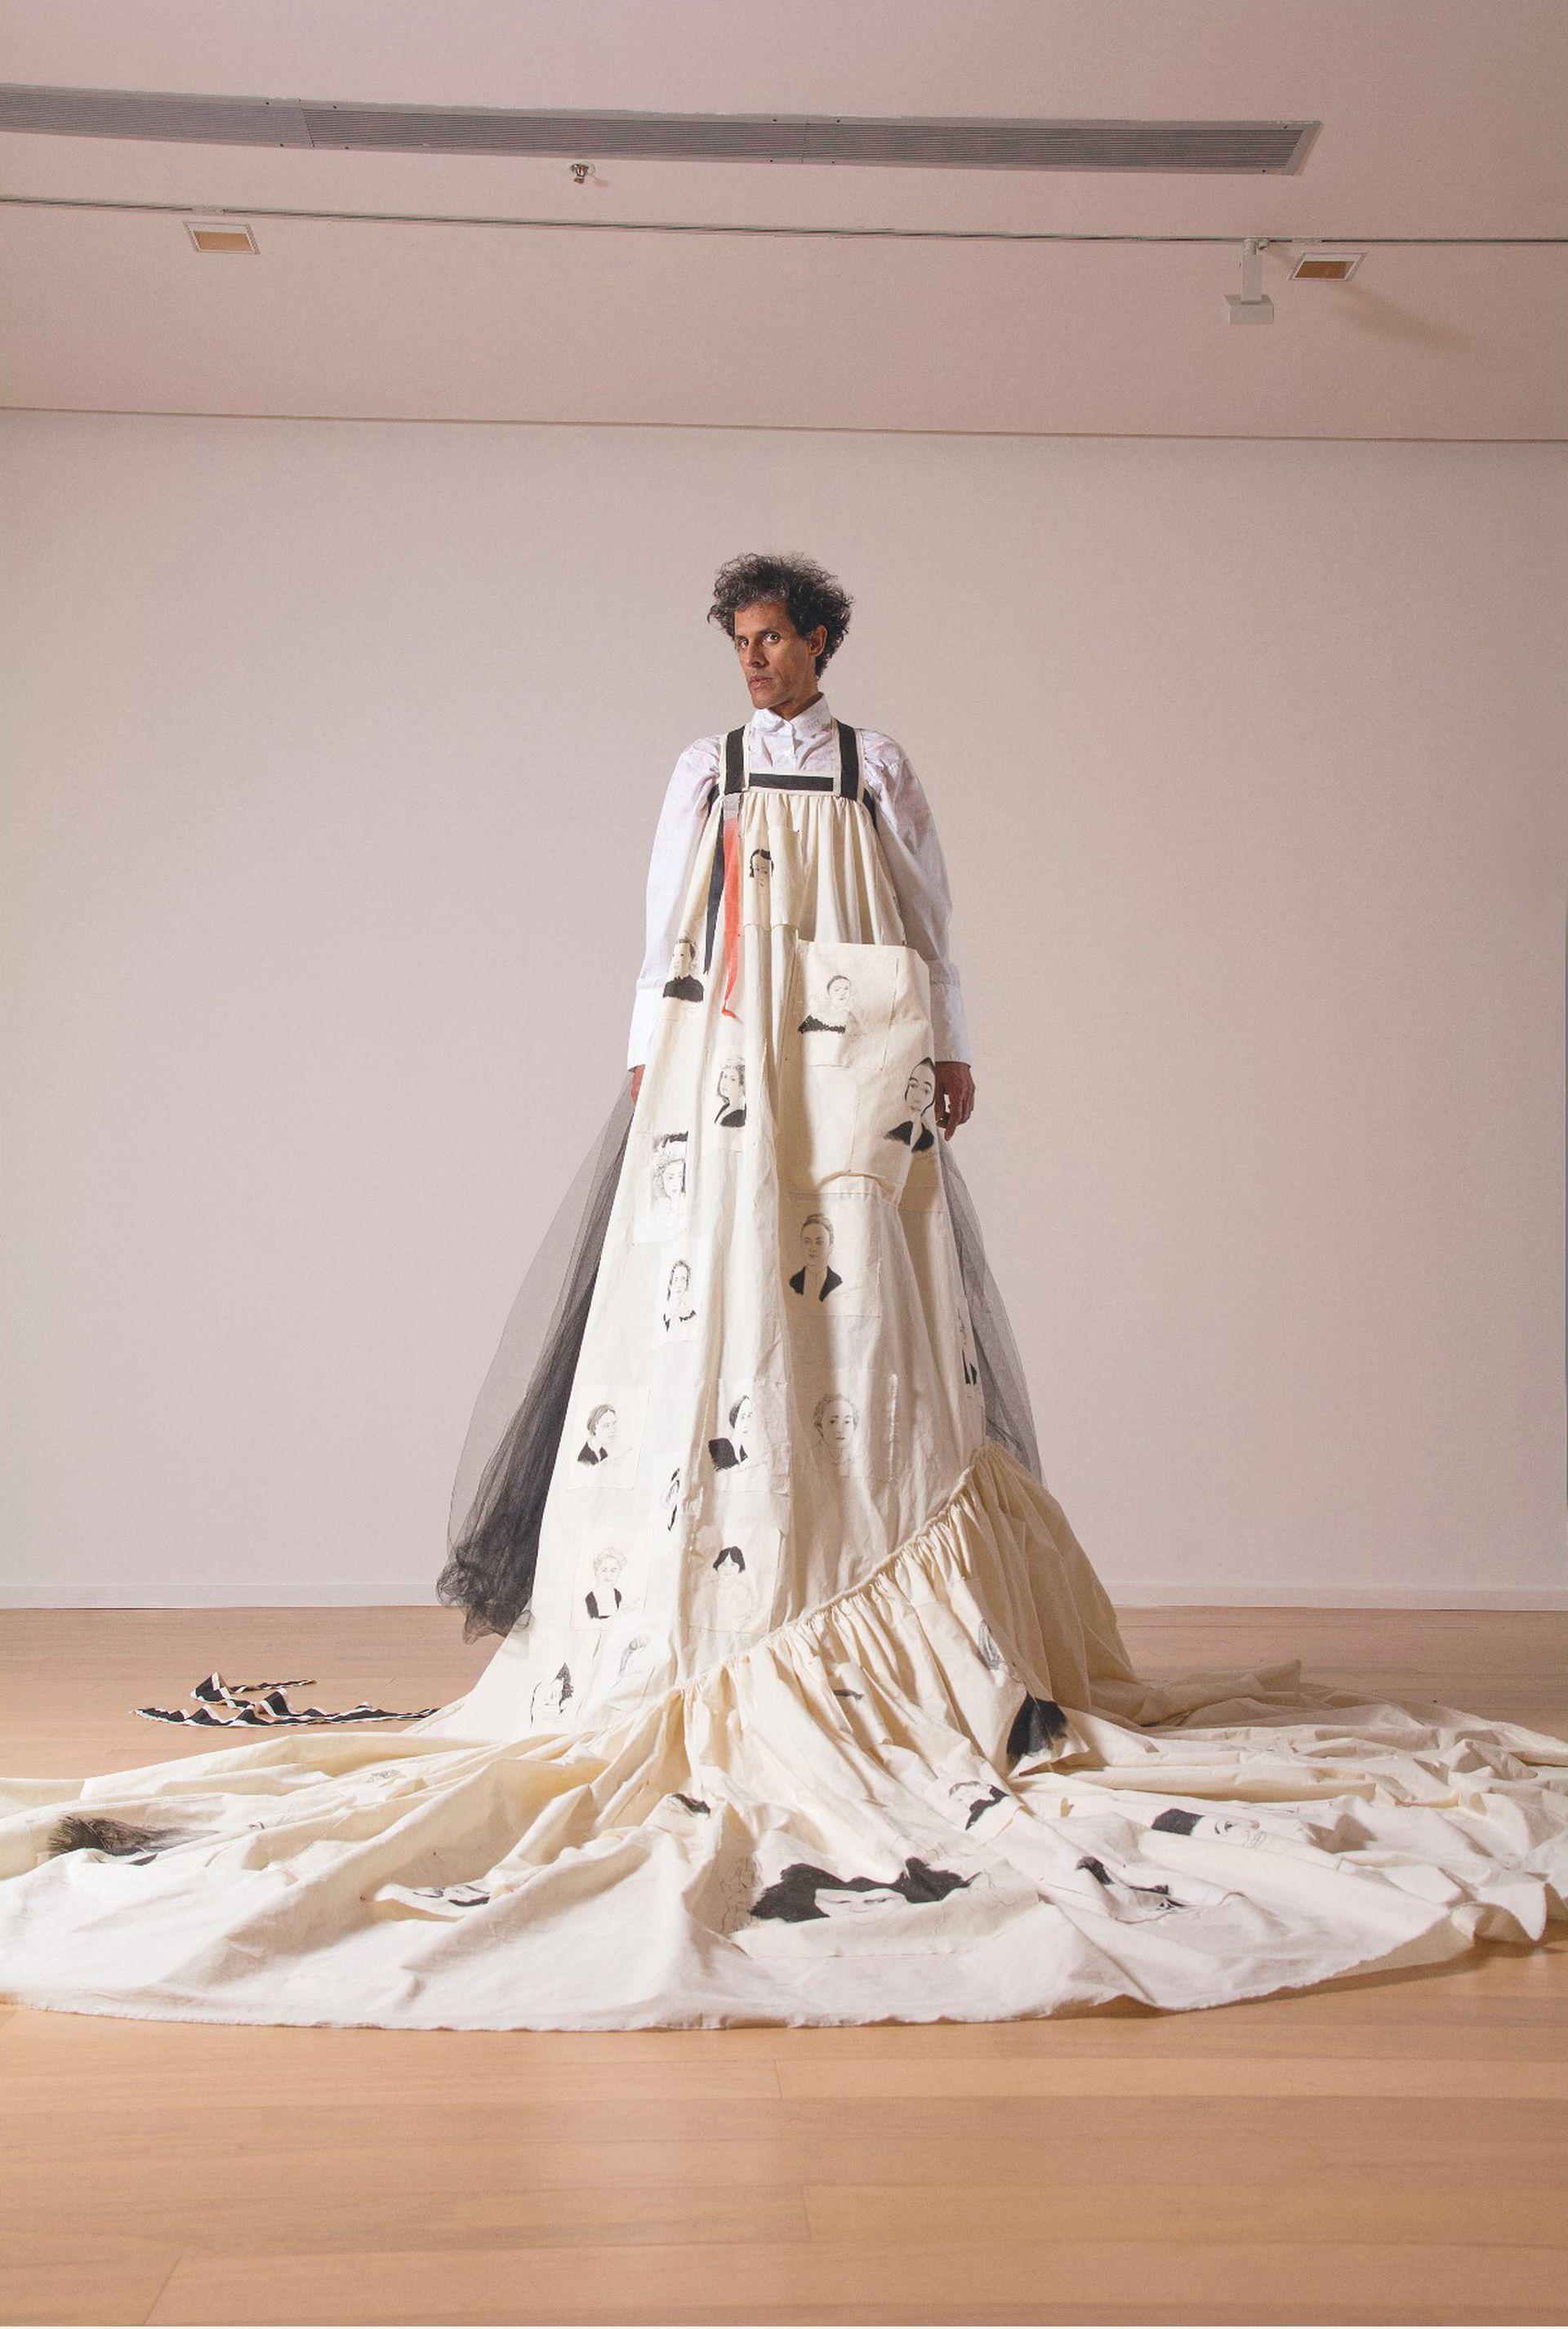 Homenaje a mujeres artistas (2018), dedicado a referentes de la historia del arte que cumplieron un rol fundamental